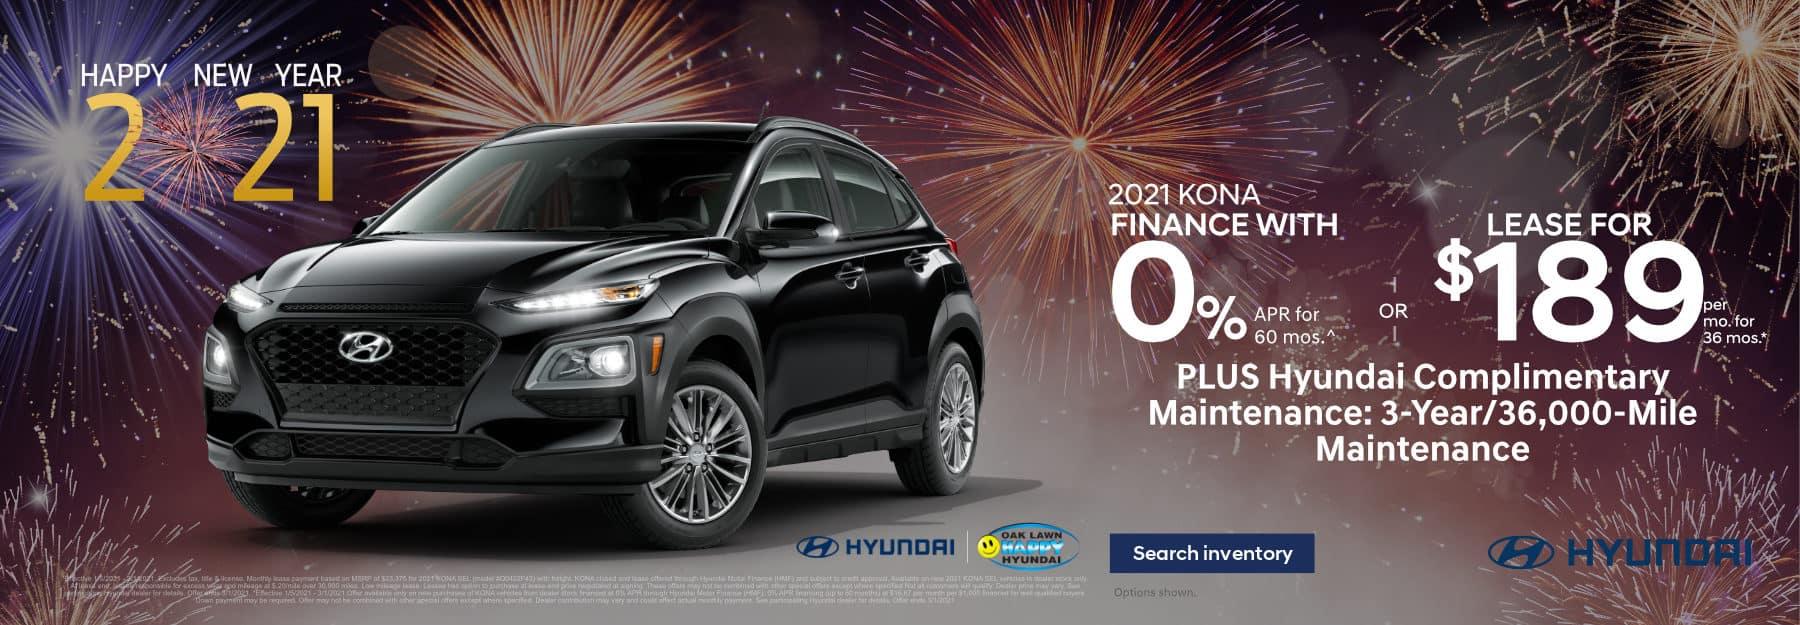 January_2021_KONA_Happy_Hyundai